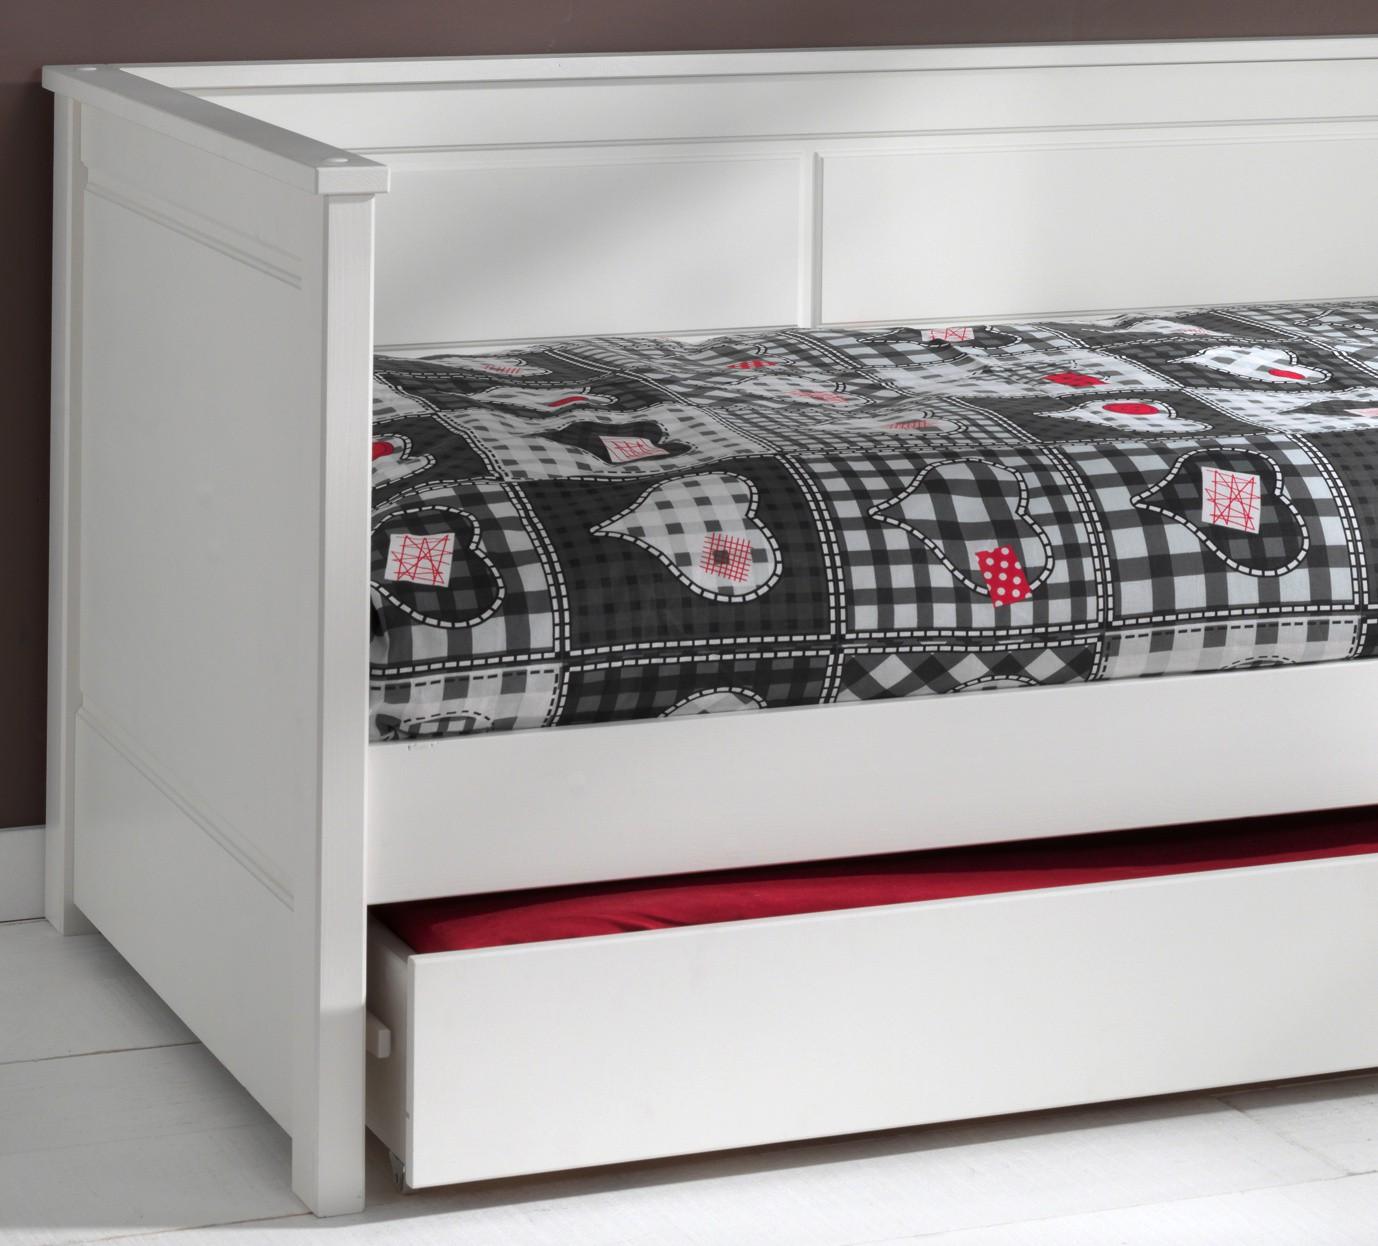 neu kojenbett pino jugendbett g stebett mit bettschublade kiefer weiss ebay. Black Bedroom Furniture Sets. Home Design Ideas